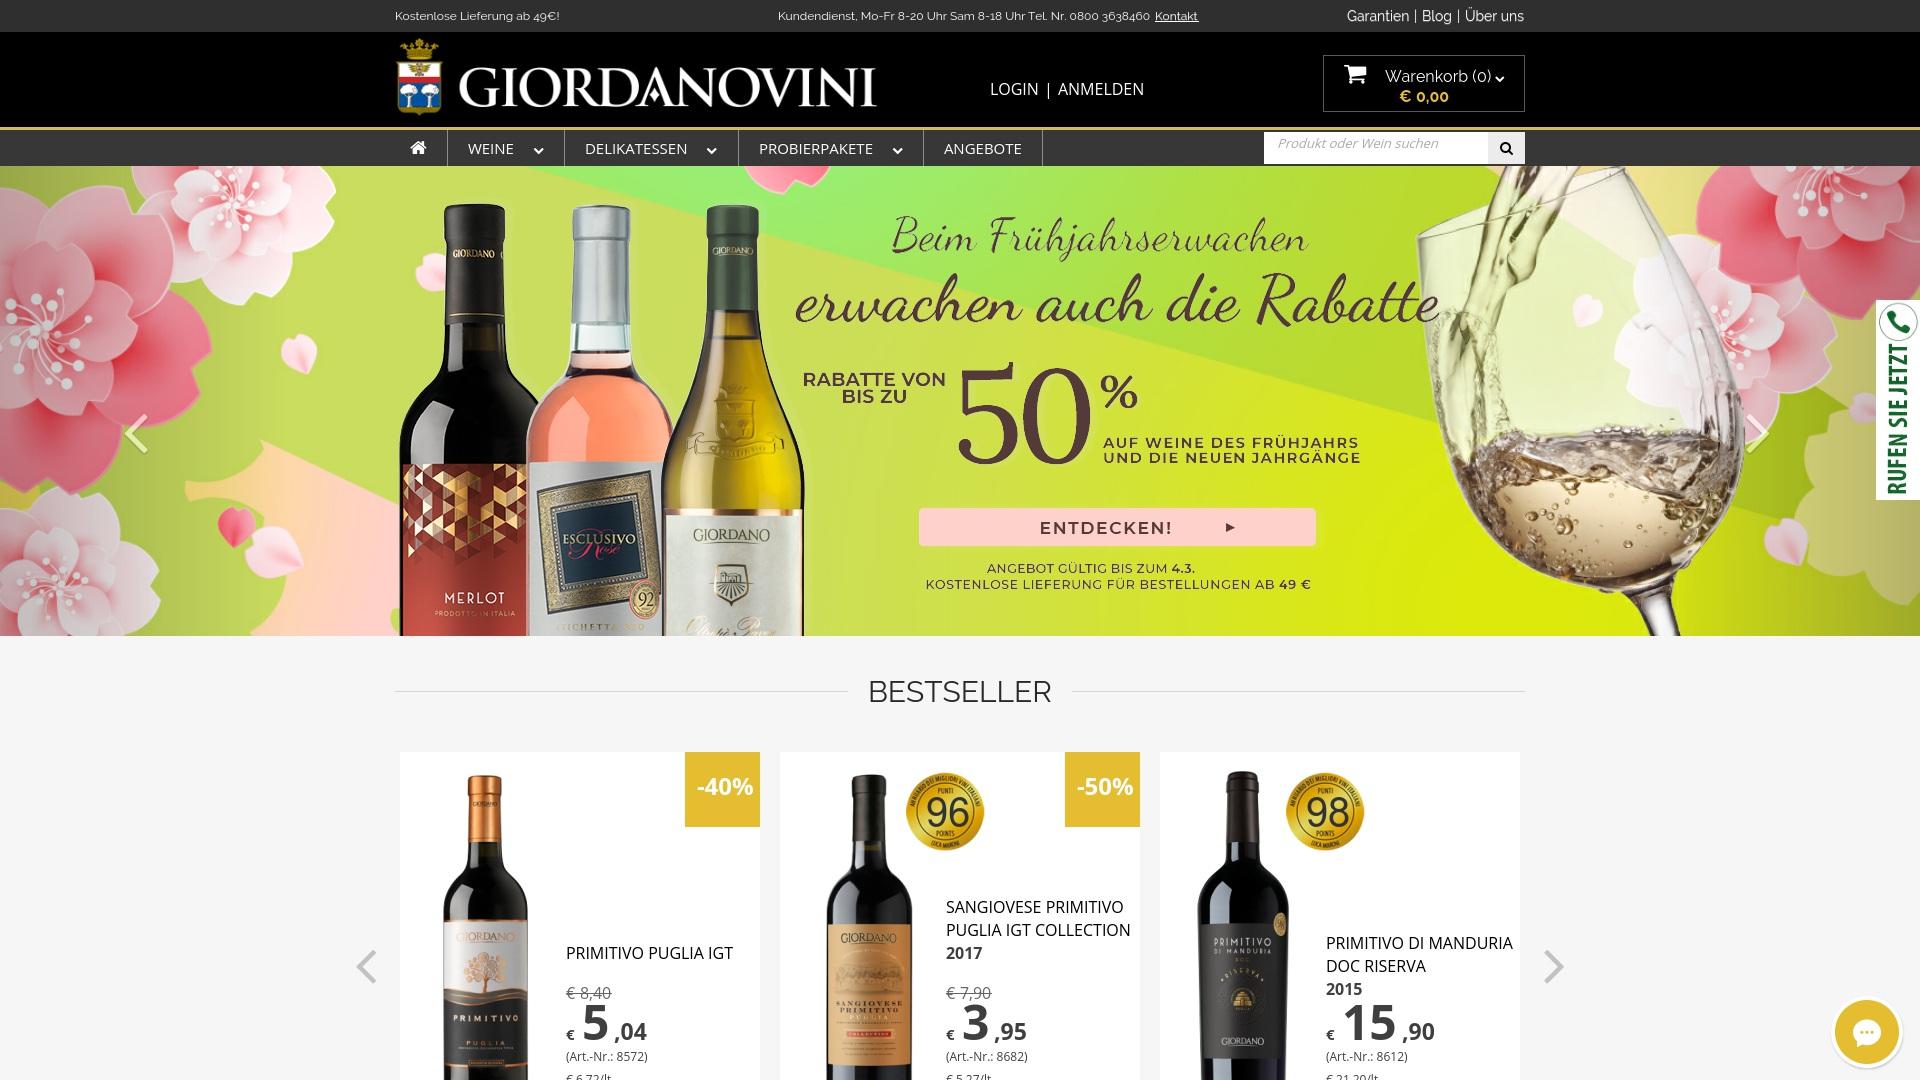 Gutschein für Giordanoweine: Rabatte für  Giordanoweine sichern